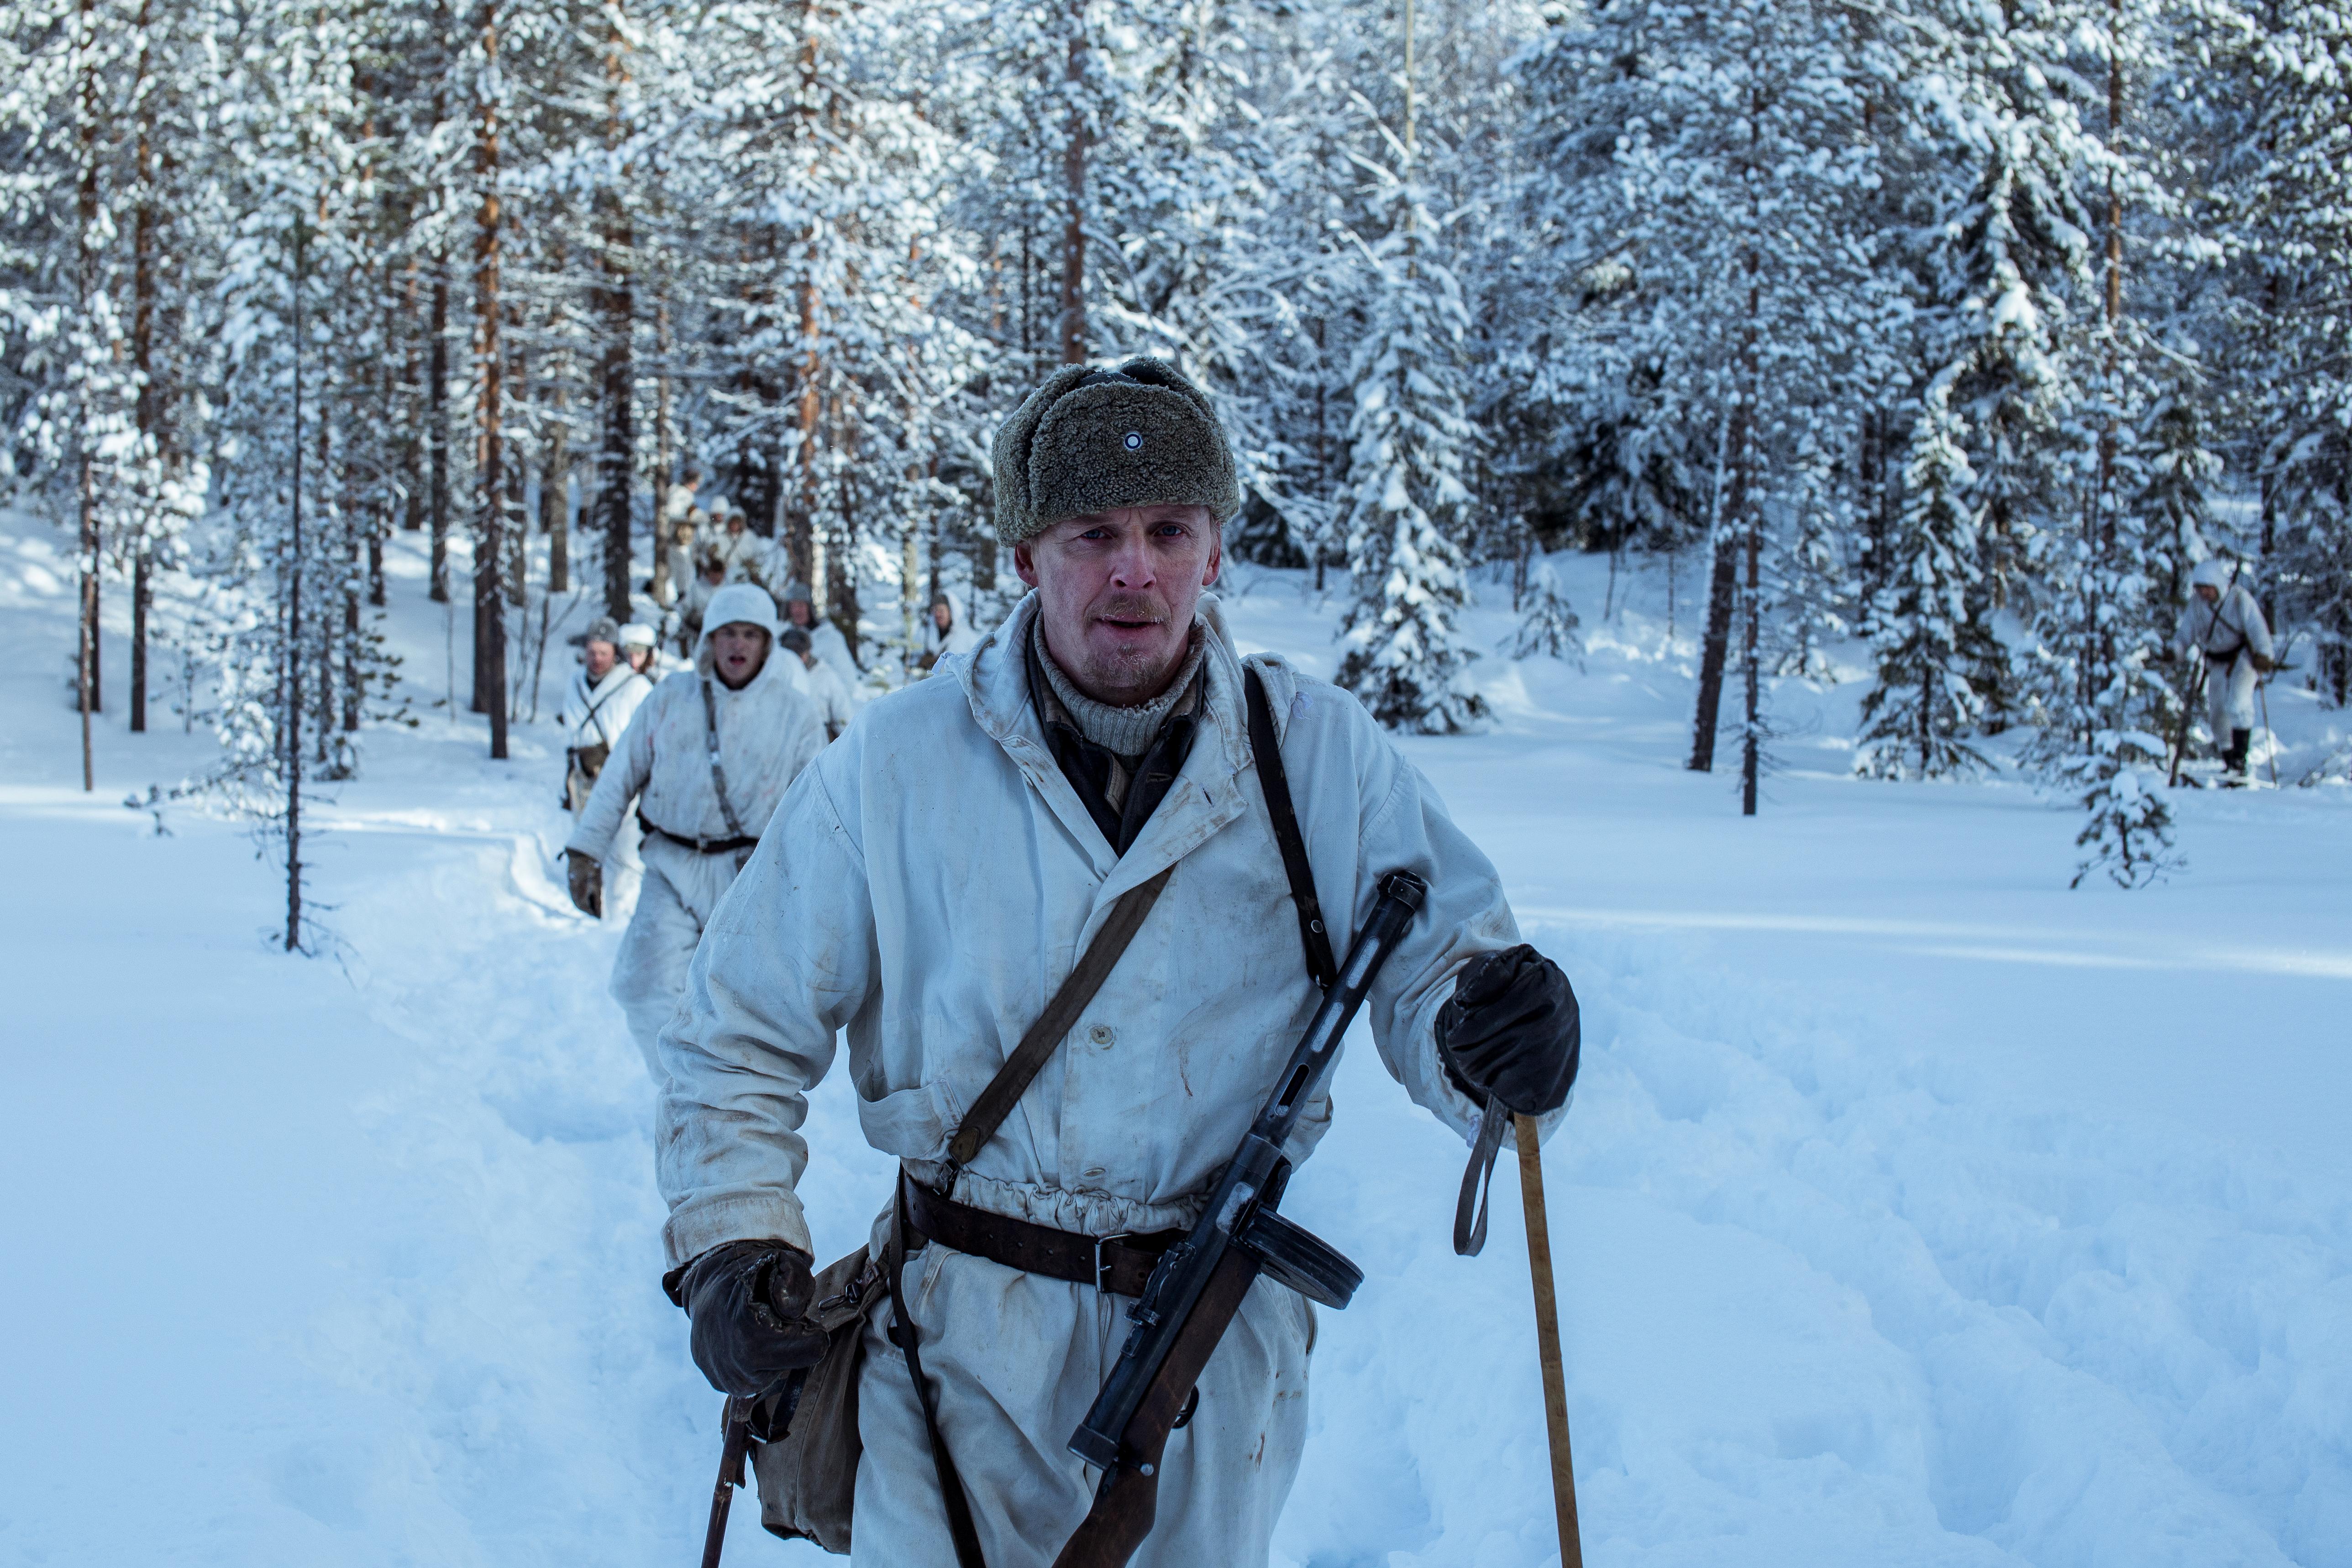 okÄnd-soldat-stillb_5a64a5dc3191c